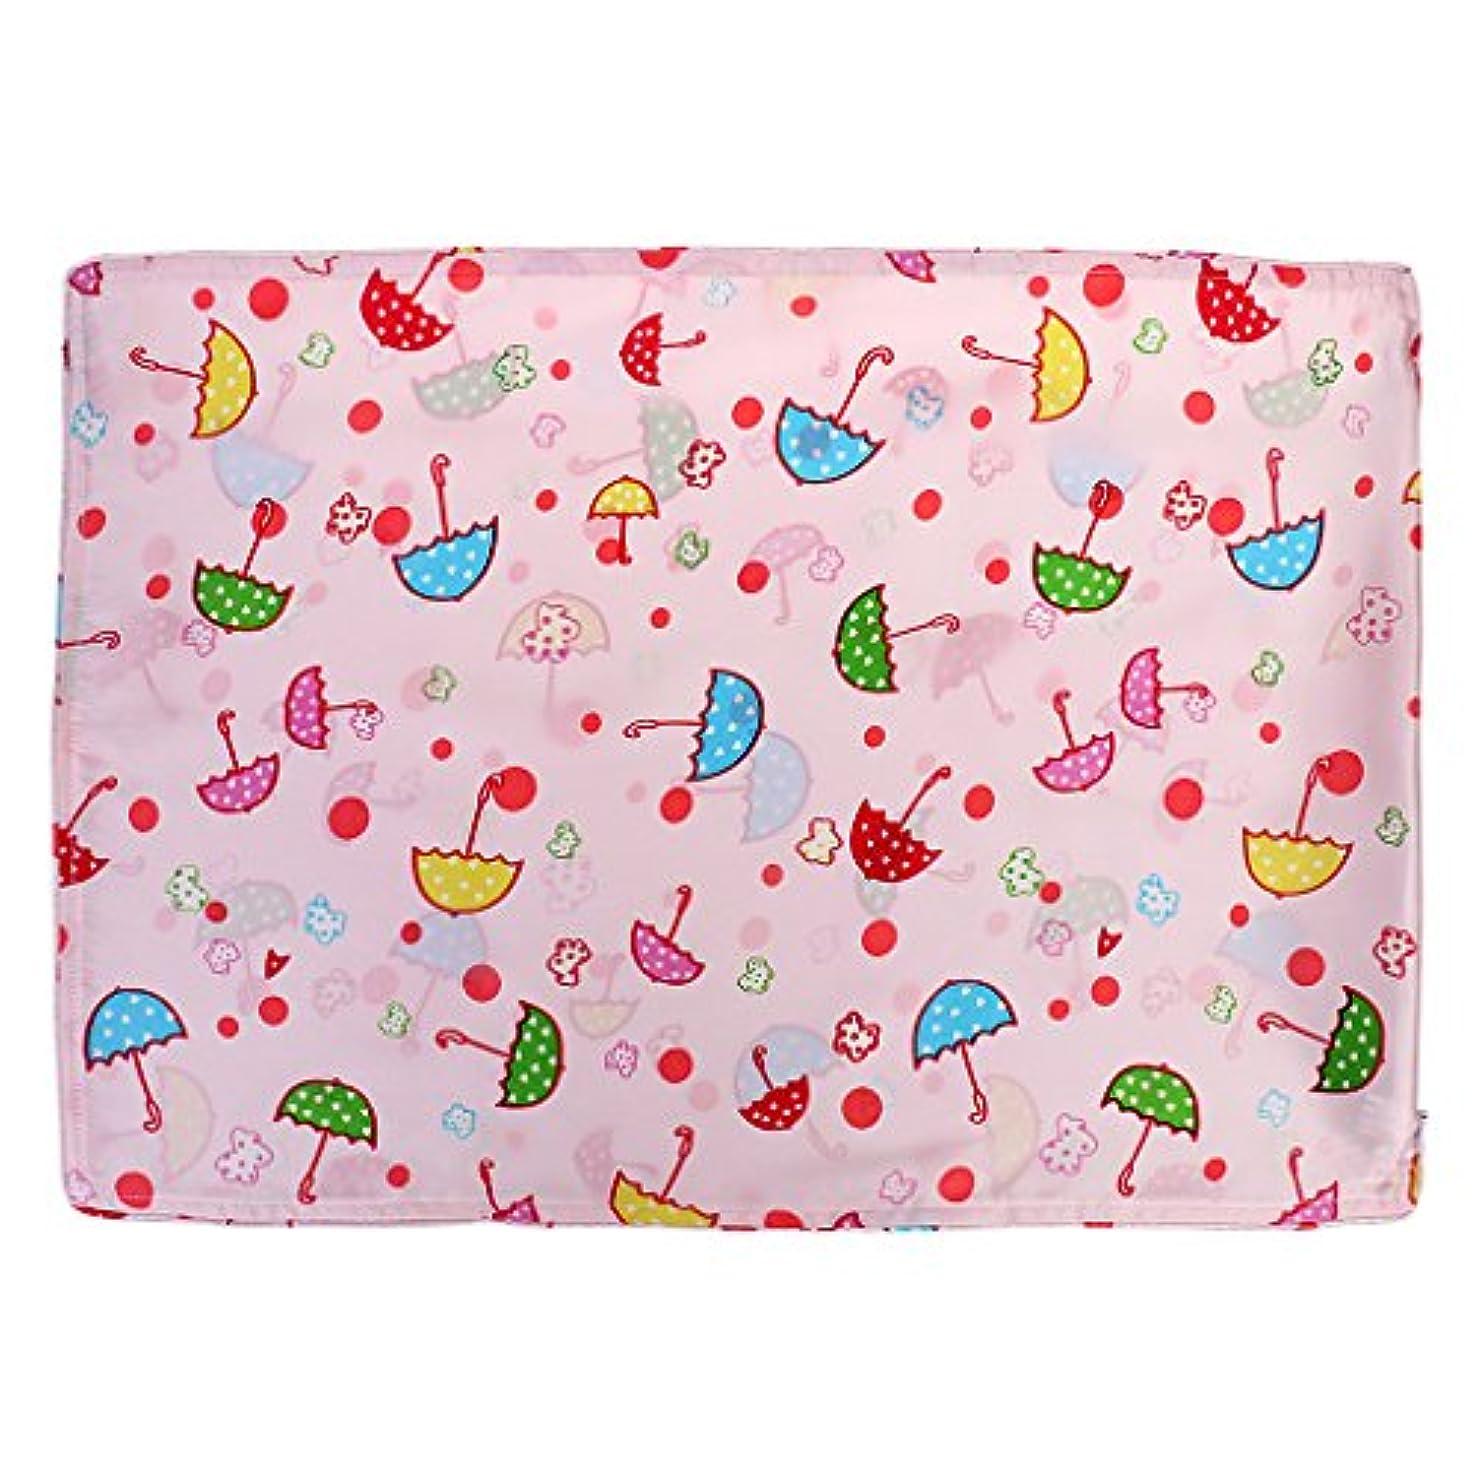 受信部族モンクかわいいベビーキッズ100%シルクサテン両面枕カバー30 * 55センチメートル傘ピンク